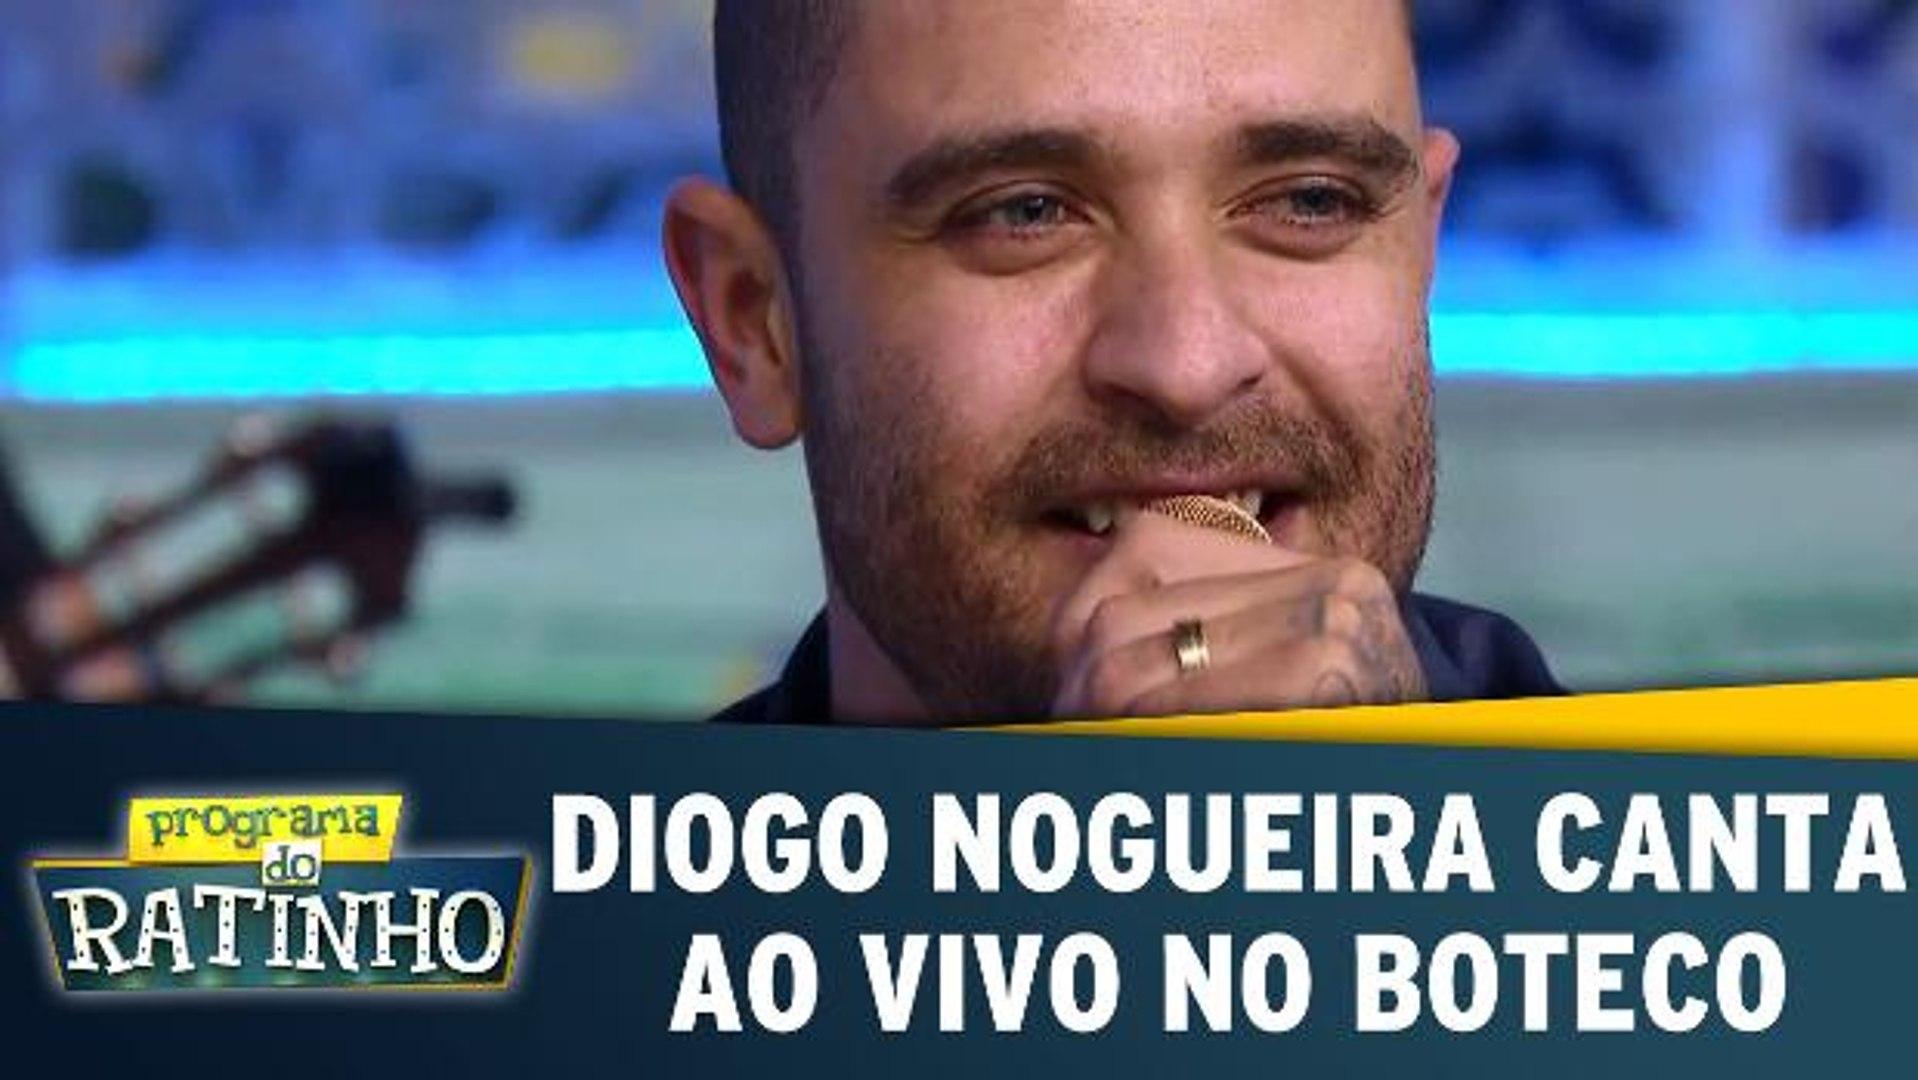 Diogo Nogueira canta ao vivo no Boteco